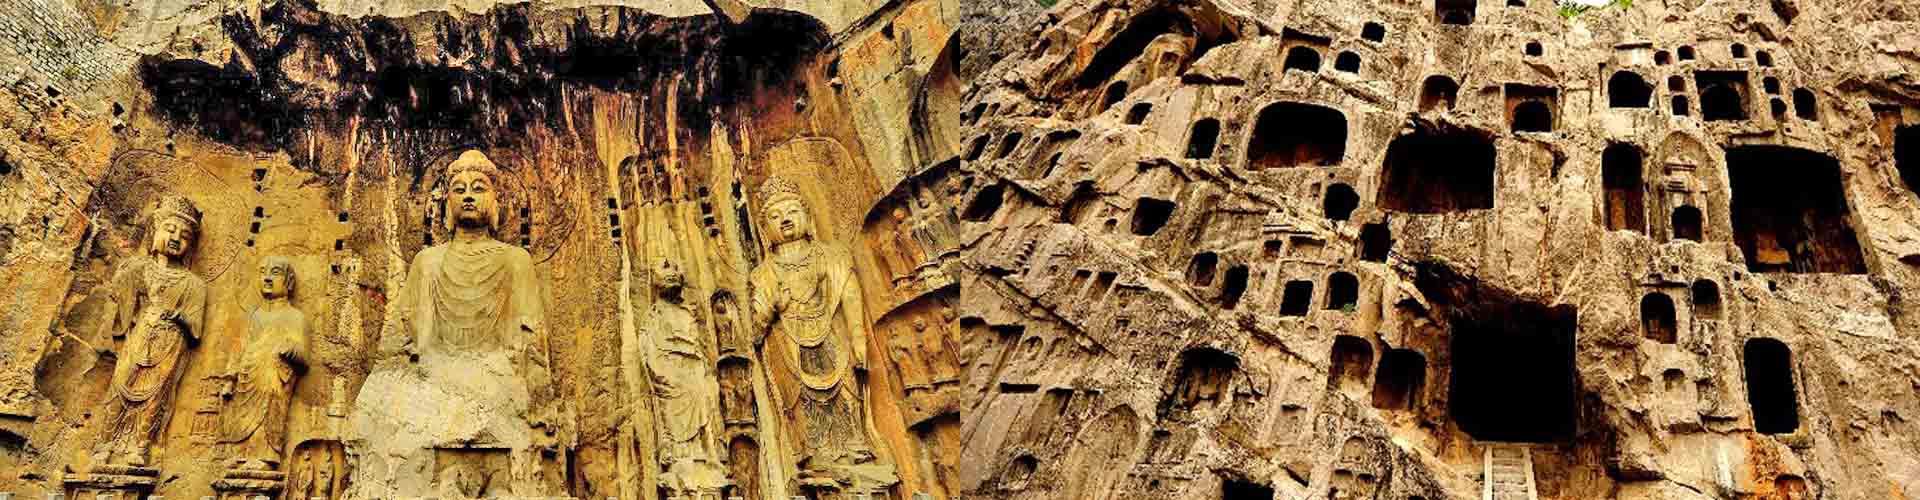 grotte de Longmen